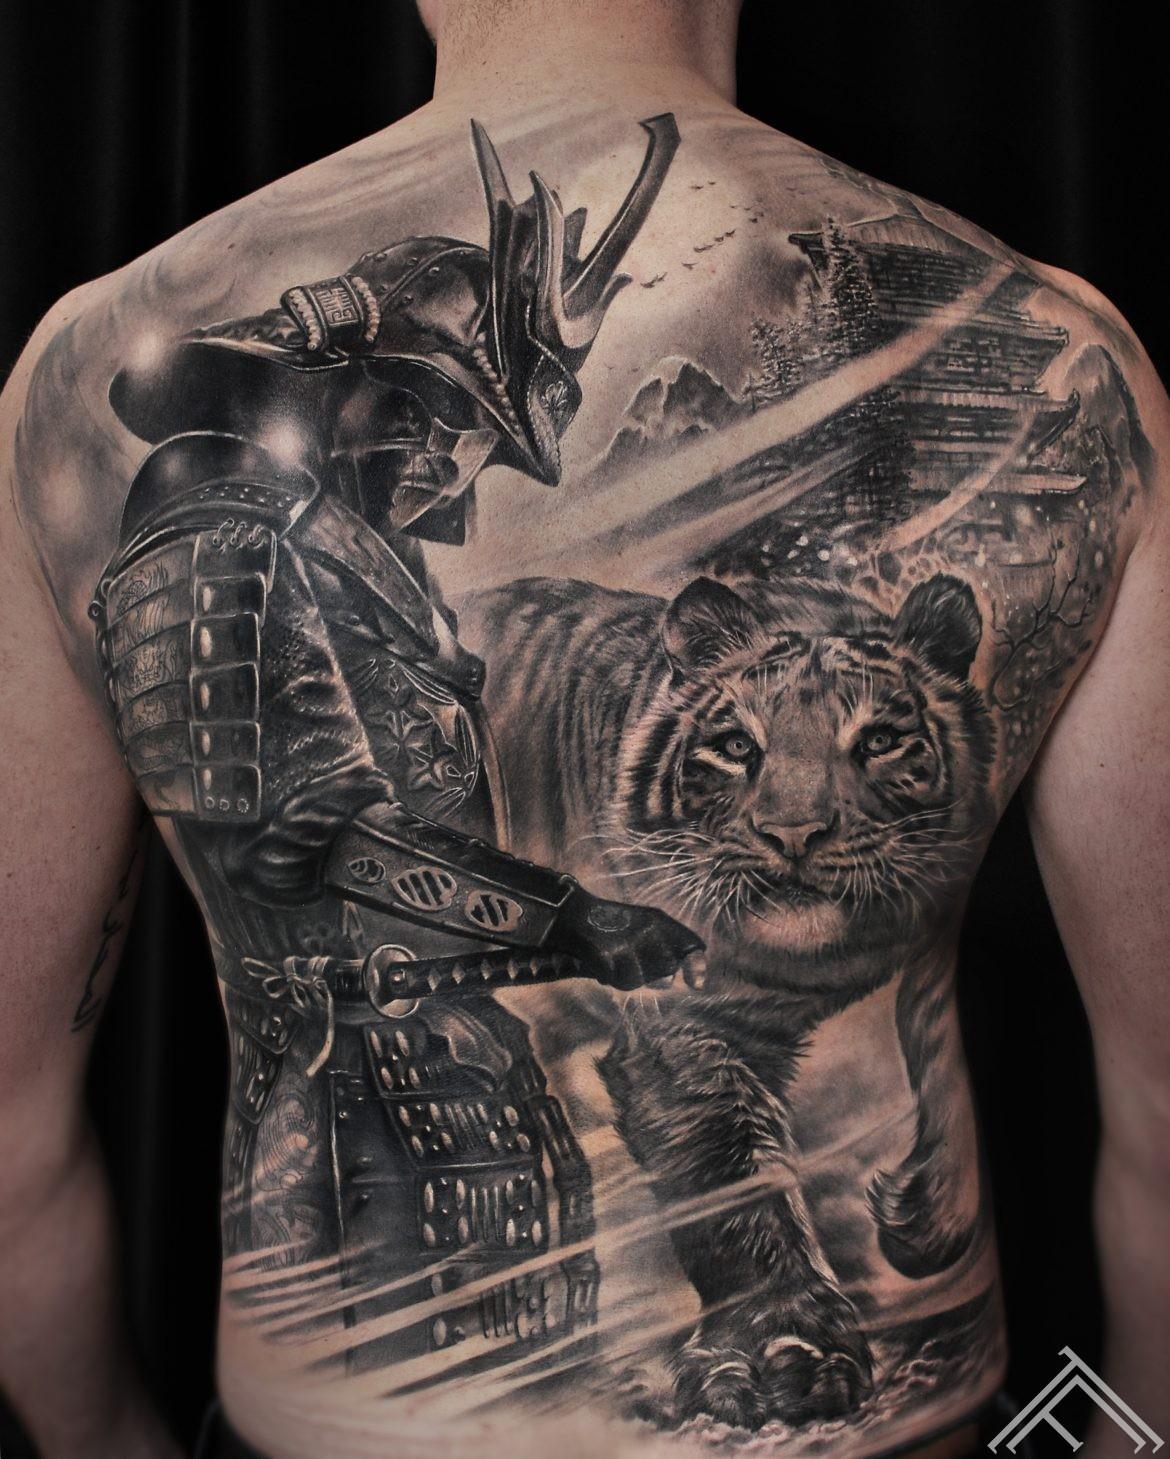 samurai-tiger-tigeris-samurais-art-riga-tattoofrequency-marispavlo